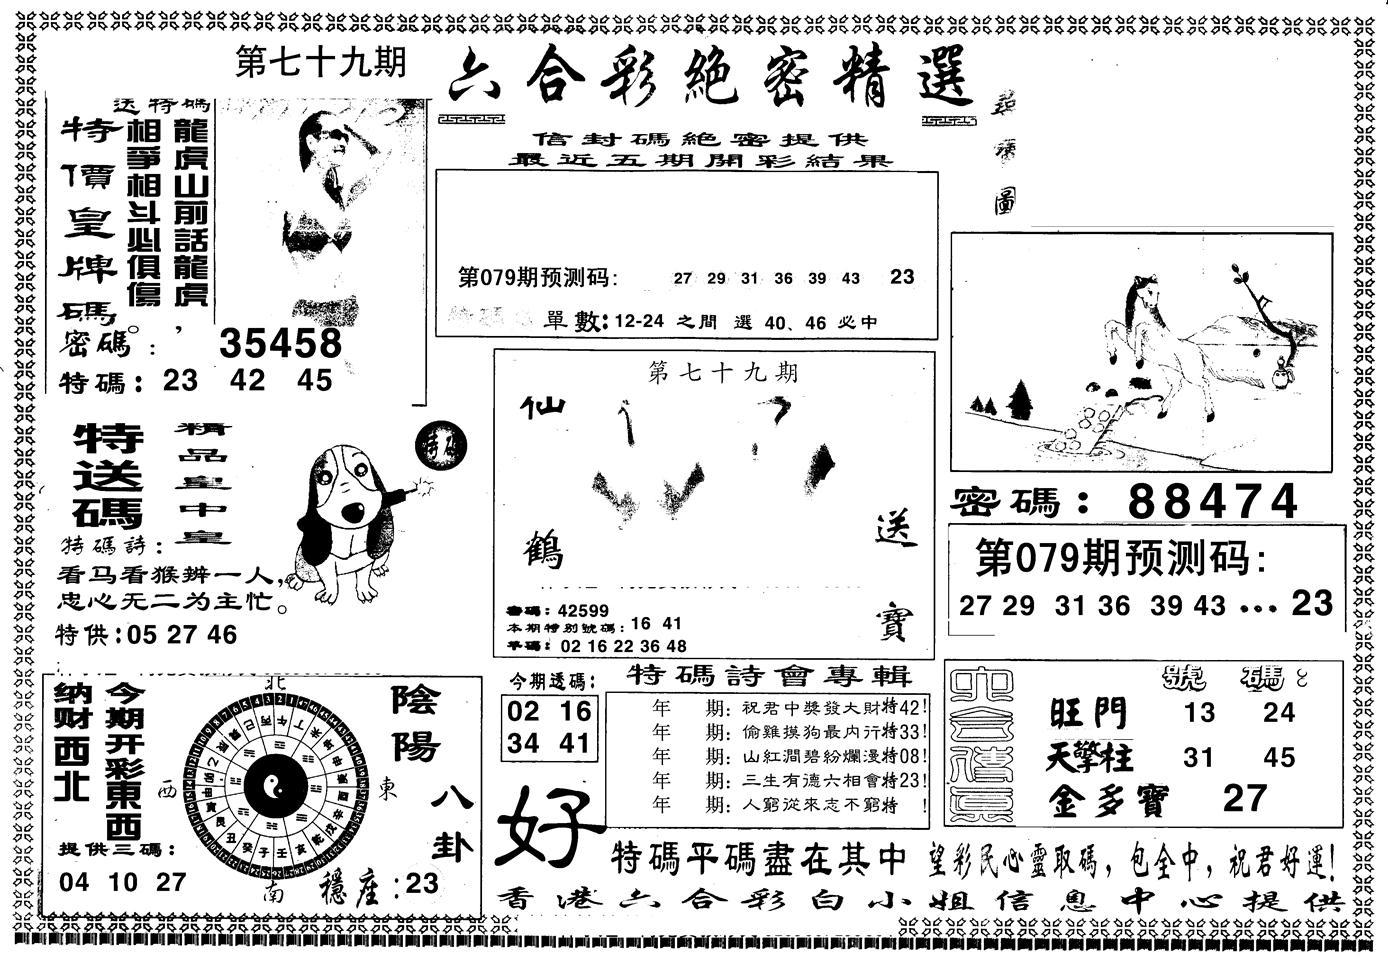 079期另版白姐绝密精选A(黑白)